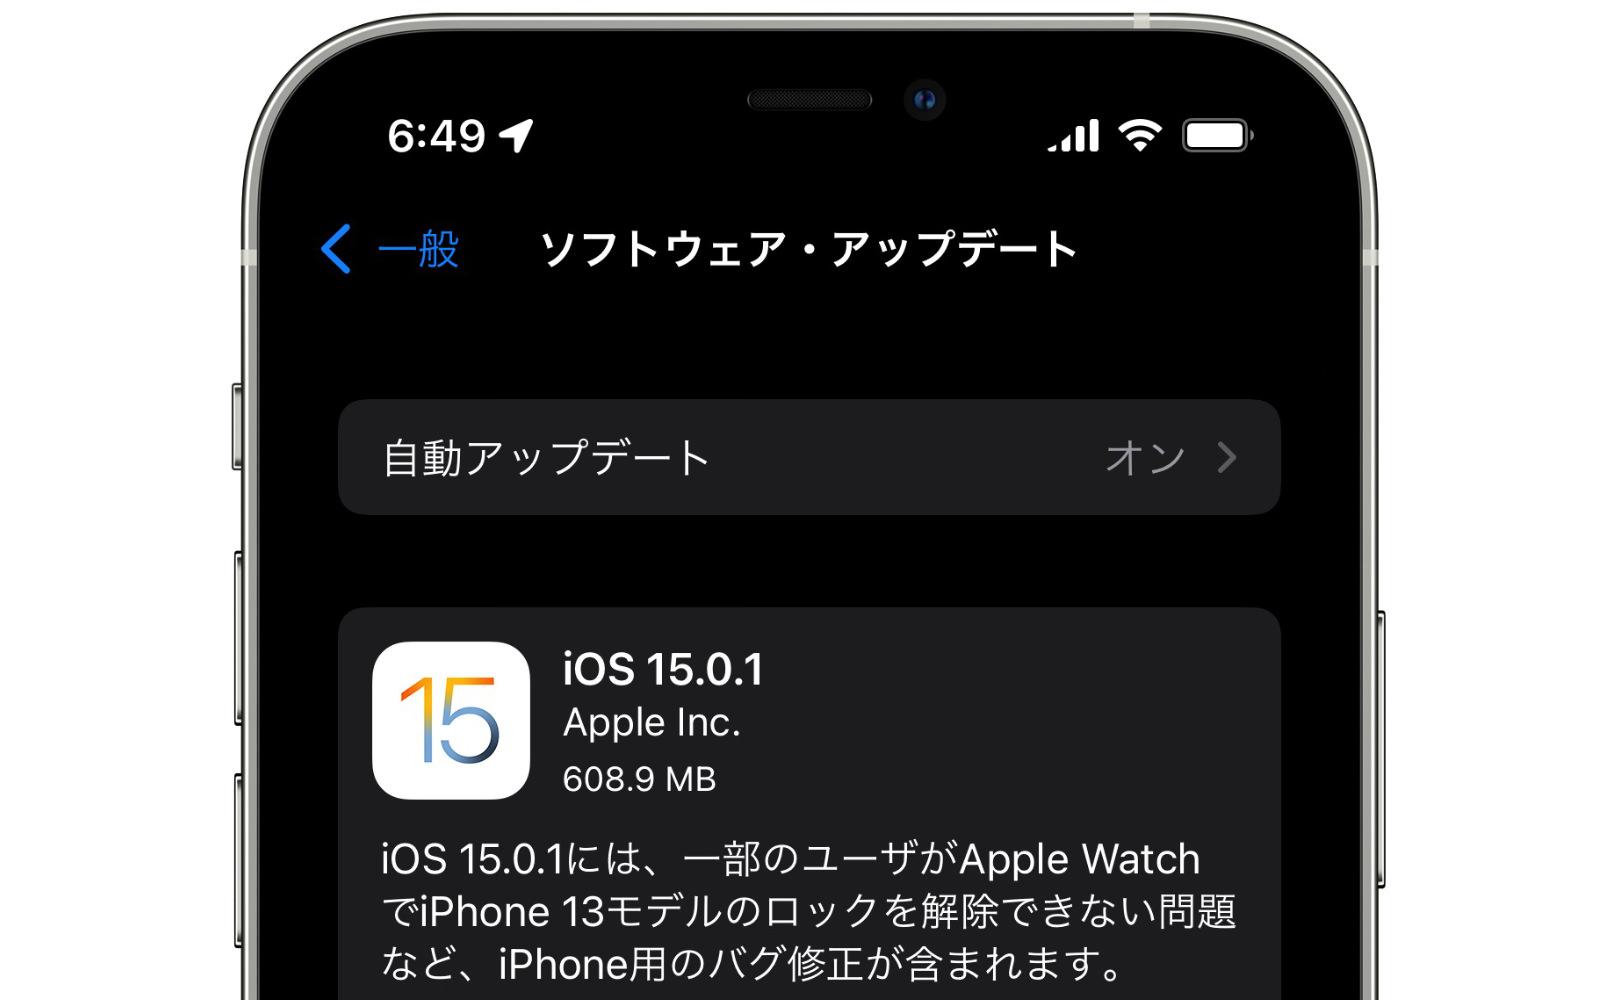 IOS15 0 1 update